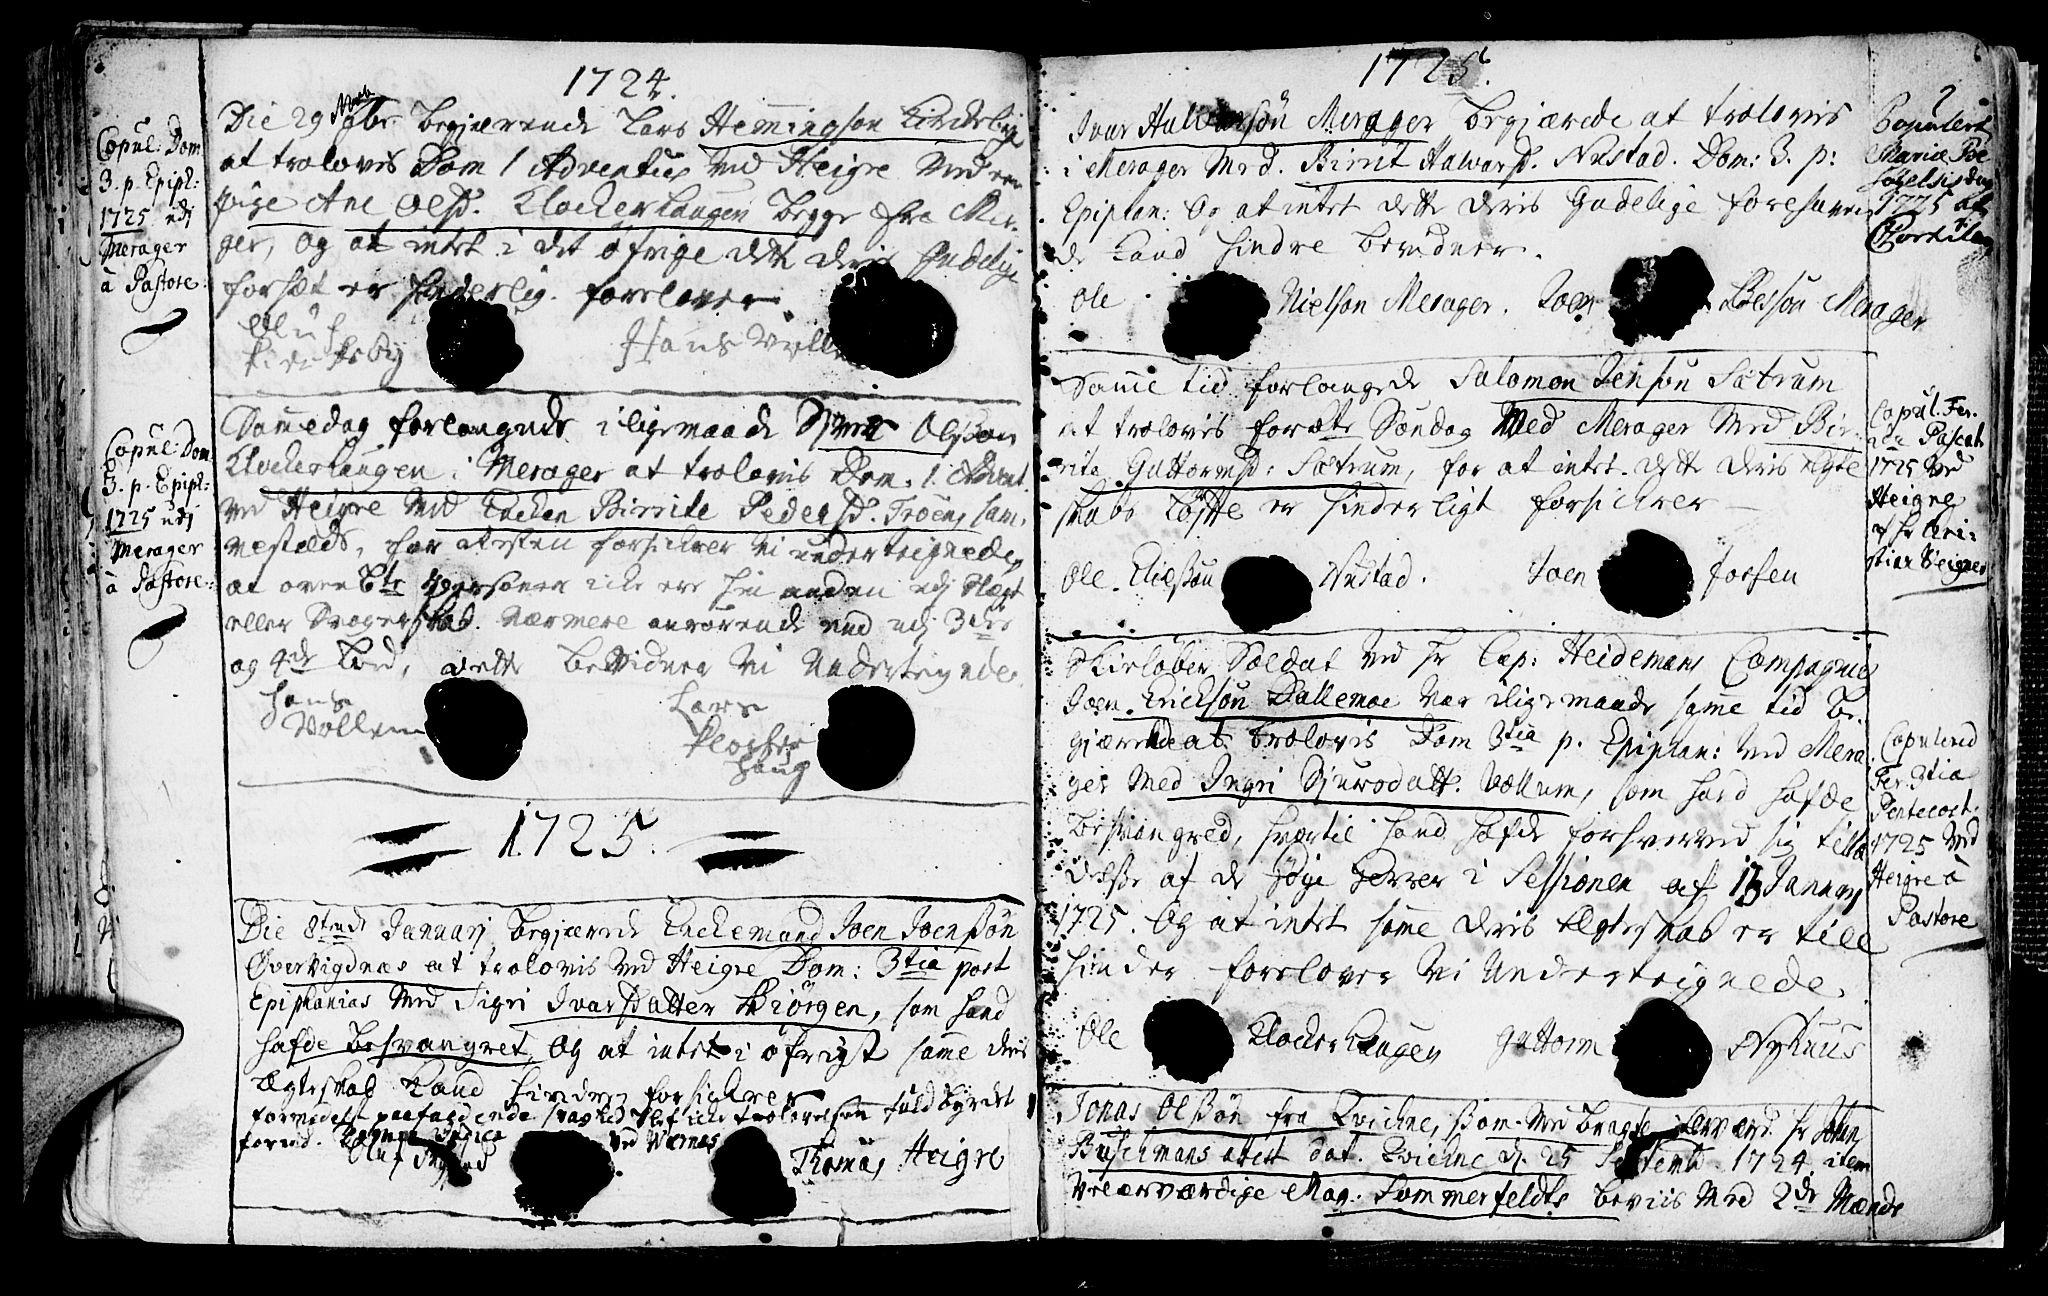 SAT, Ministerialprotokoller, klokkerbøker og fødselsregistre - Nord-Trøndelag, 709/L0053: Ministerialbok nr. 709A01, 1714-1729